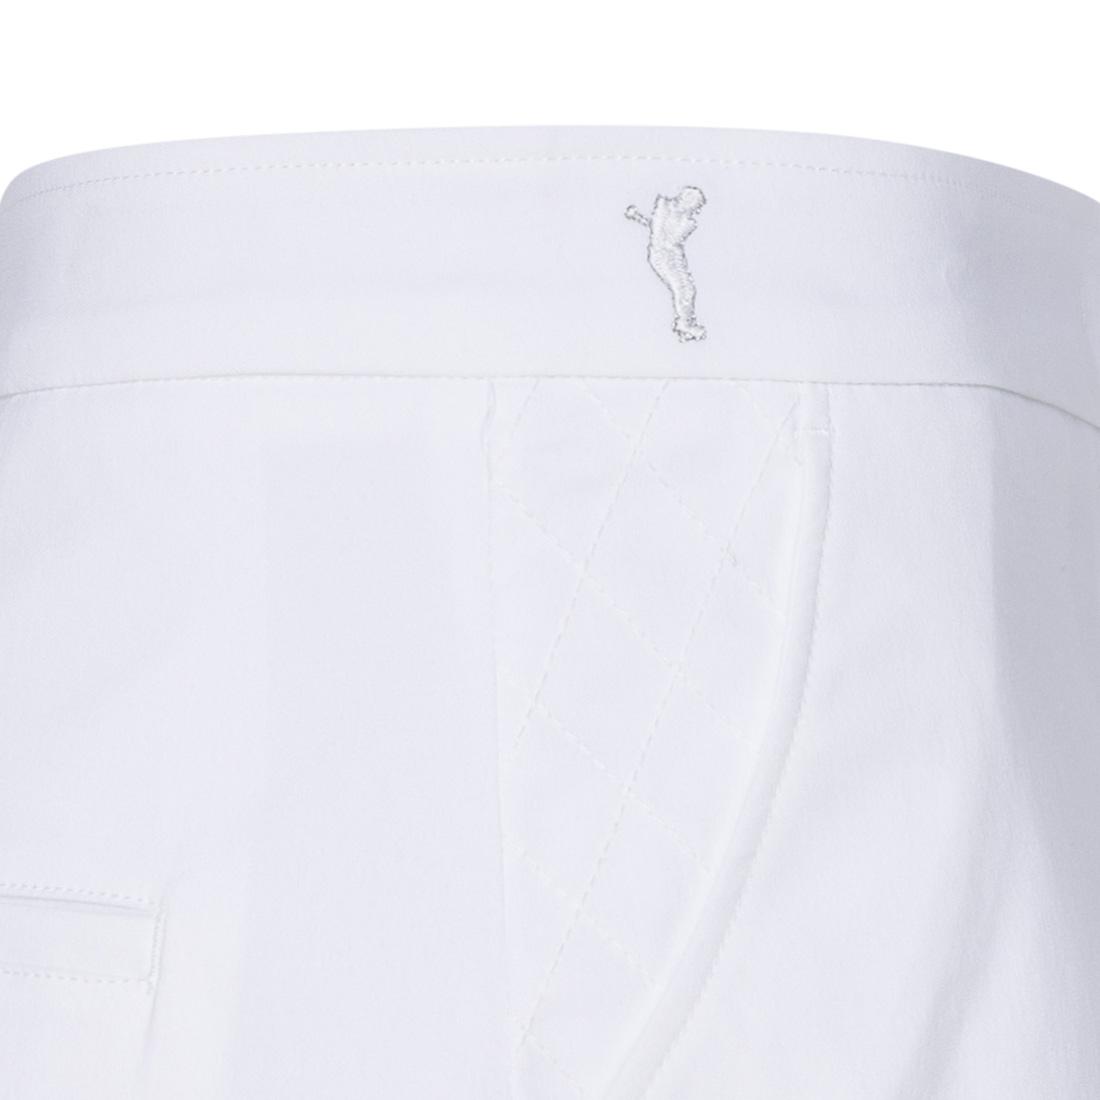 Damen Skort aus leichtem Techno-Stretch-Material